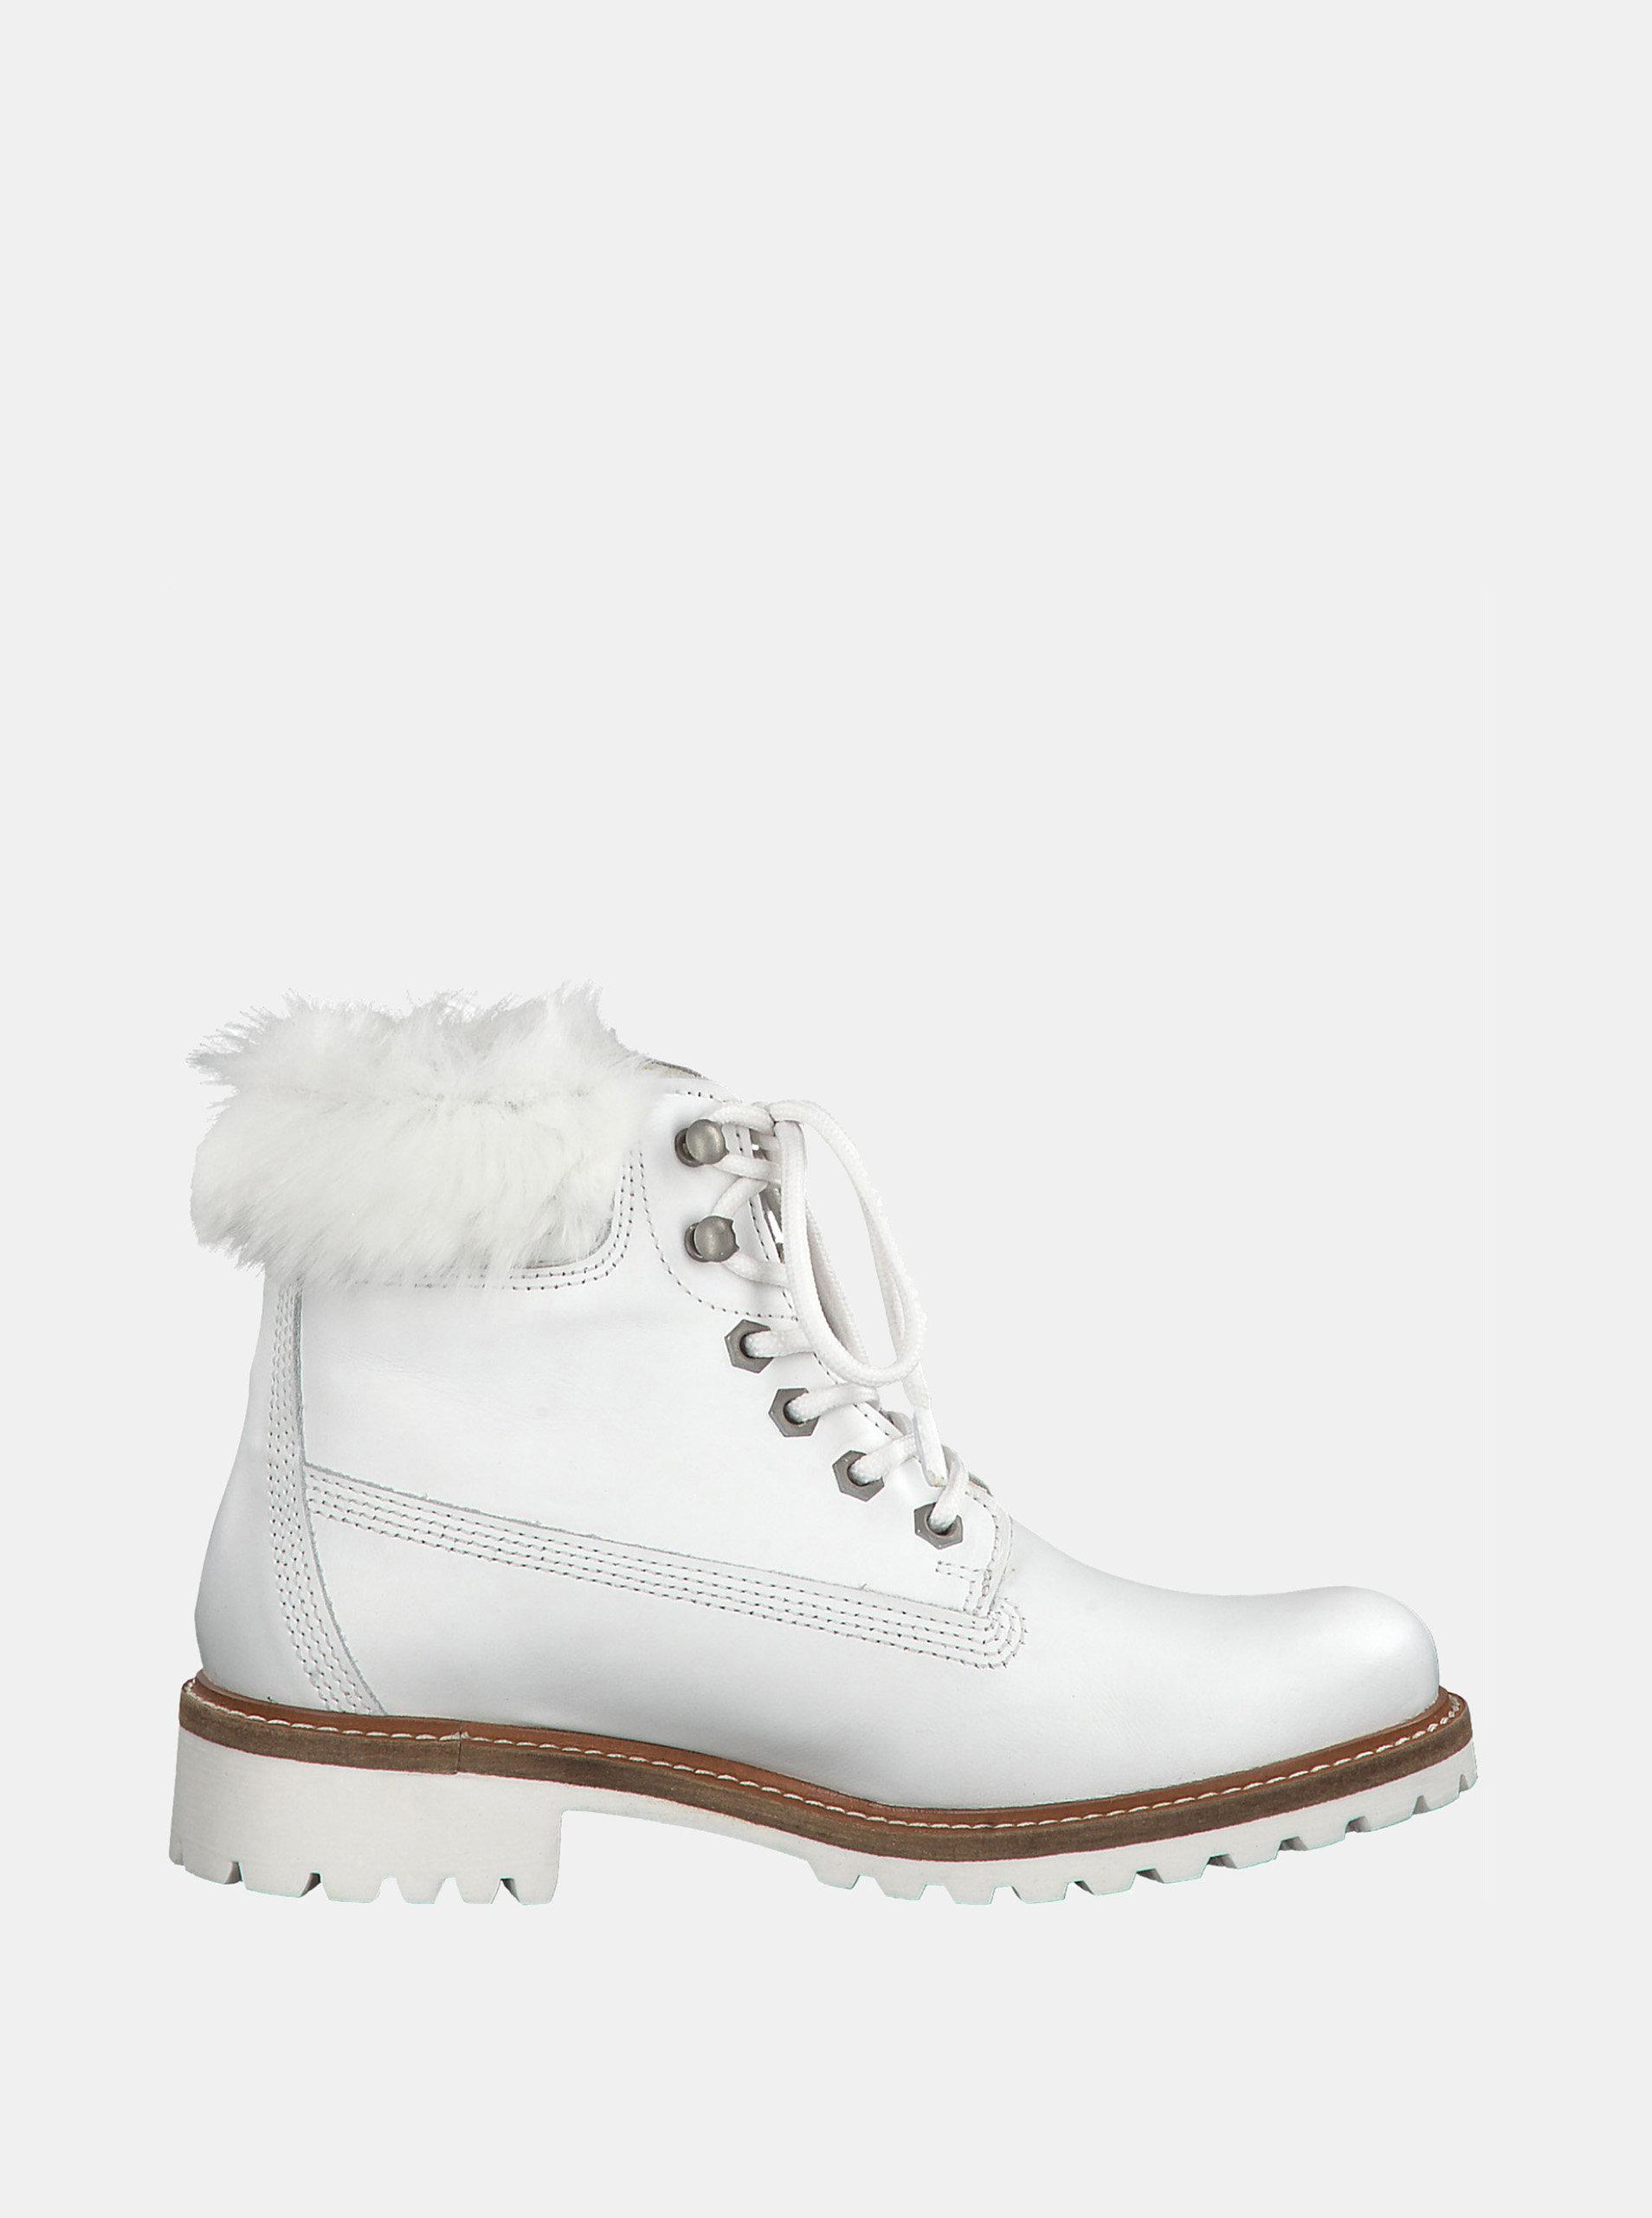 34a8a5a49596 Biele kožené členkové nepremokavé zimné topánky s vlnenou podšívkou Tamaris  ...